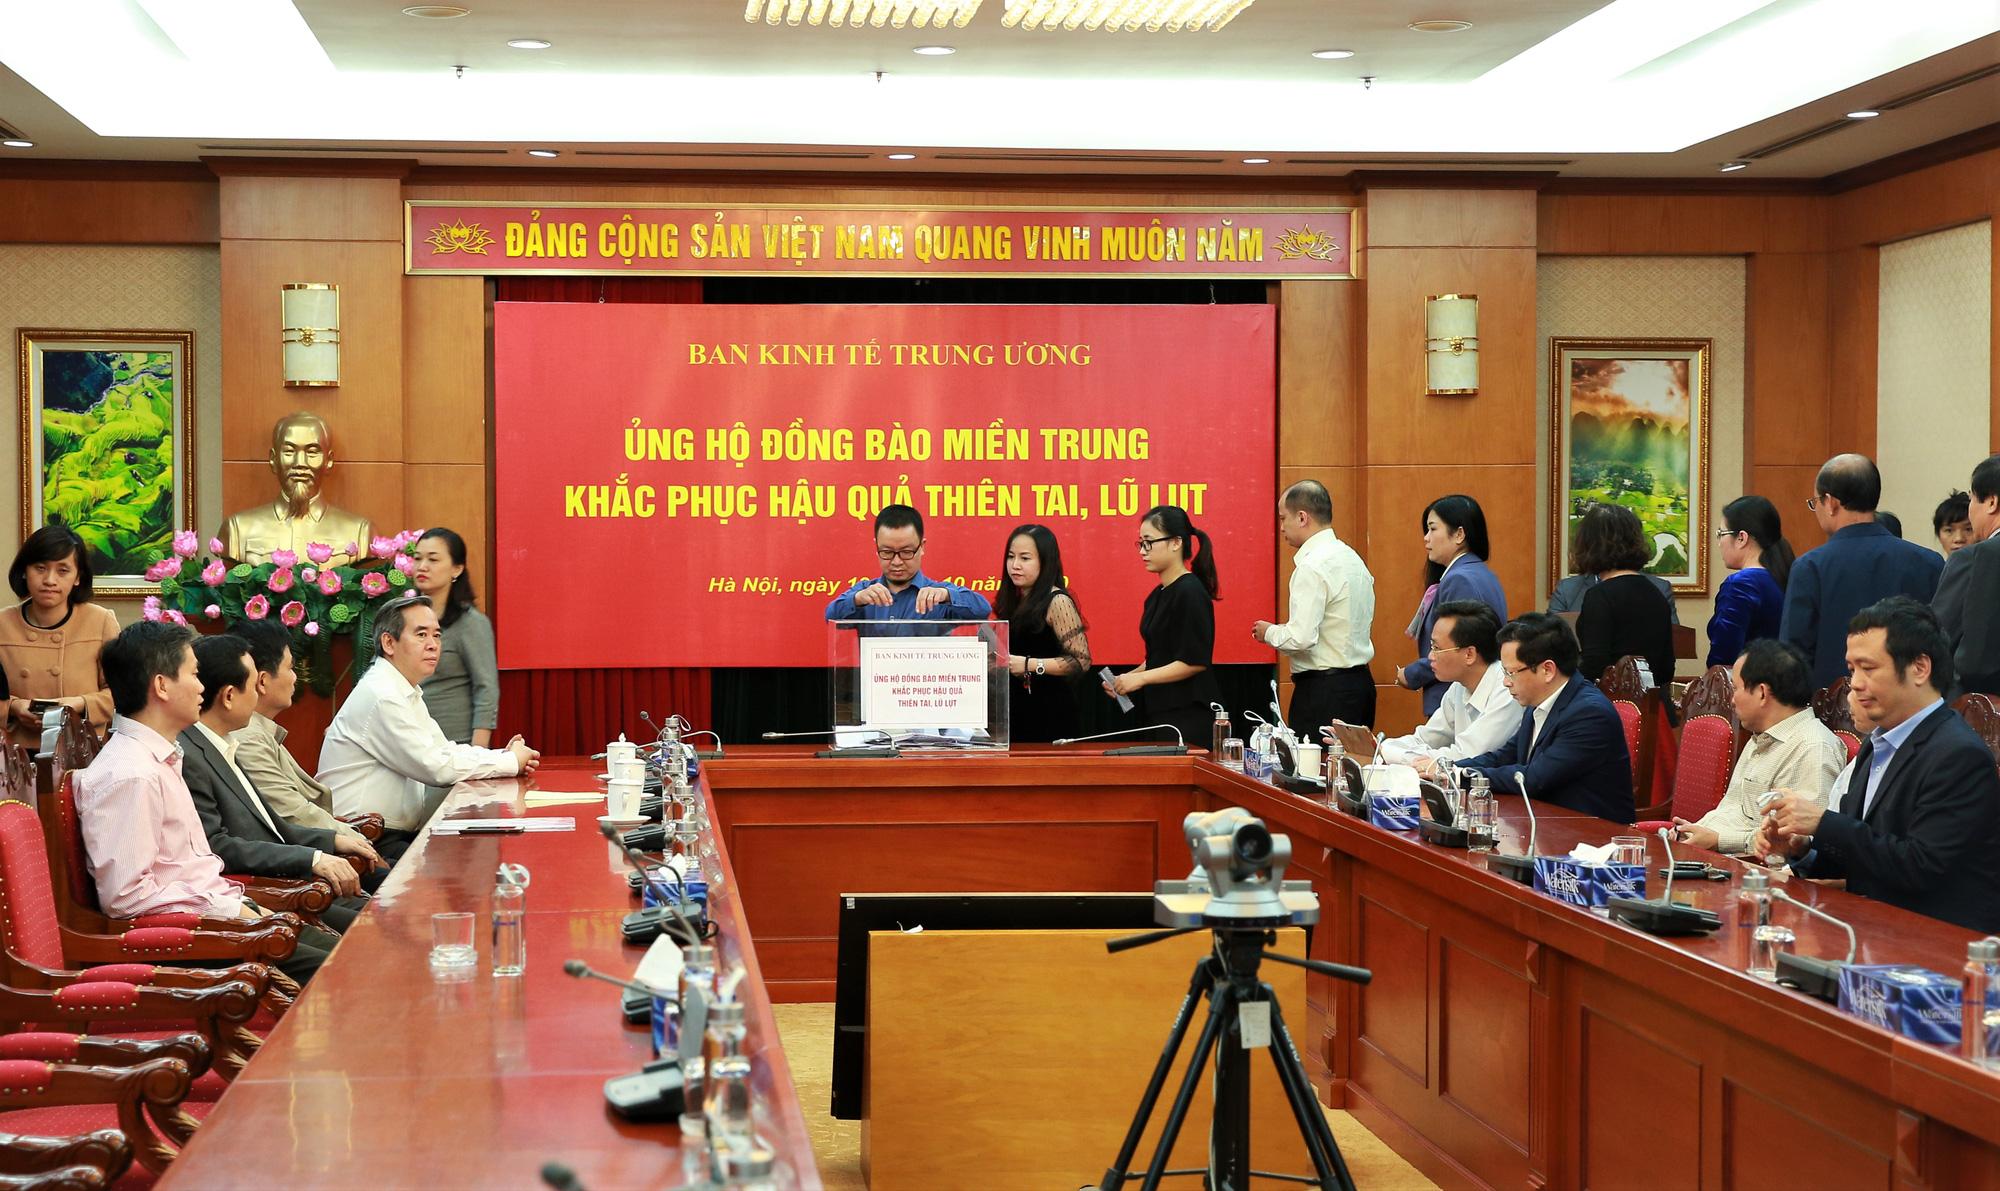 Ban Kinh tế Trung ương tổ chức ủng hộ đồng bào Miền Trung khắc phục hậu quả thiên tai, lũ lụt - Ảnh 4.